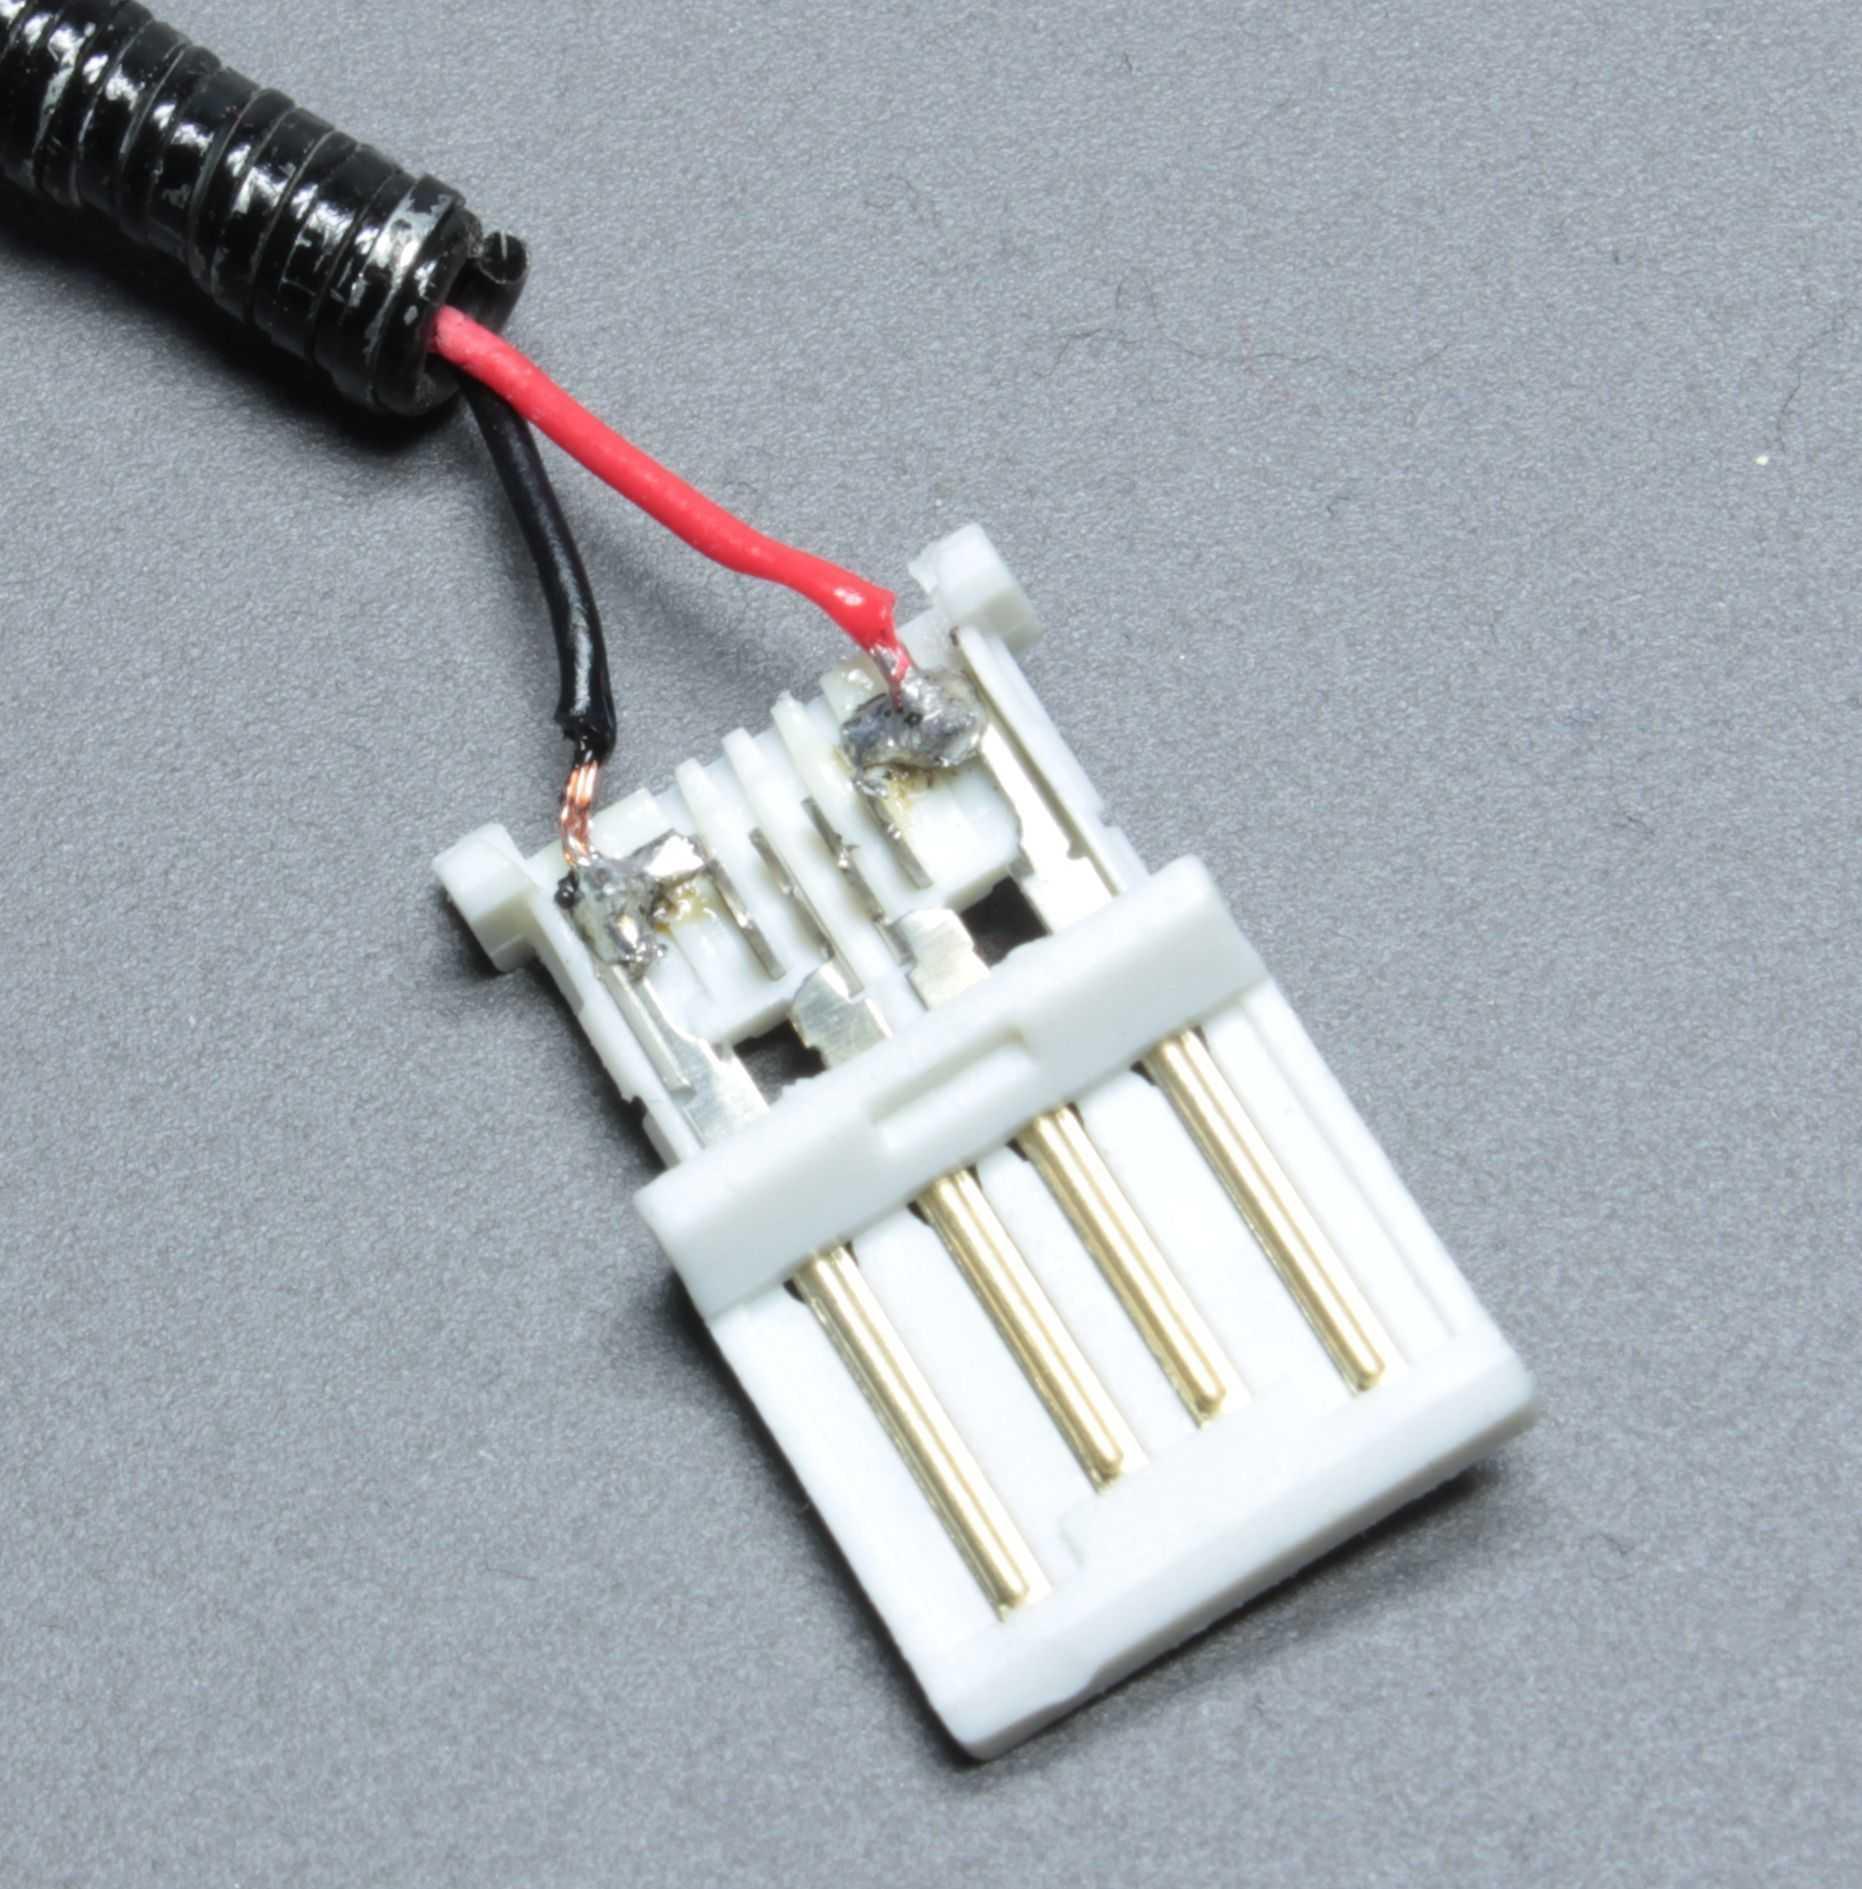 USB-Stecker: eine weiße Platine mit rotem und schwarzen Kabel